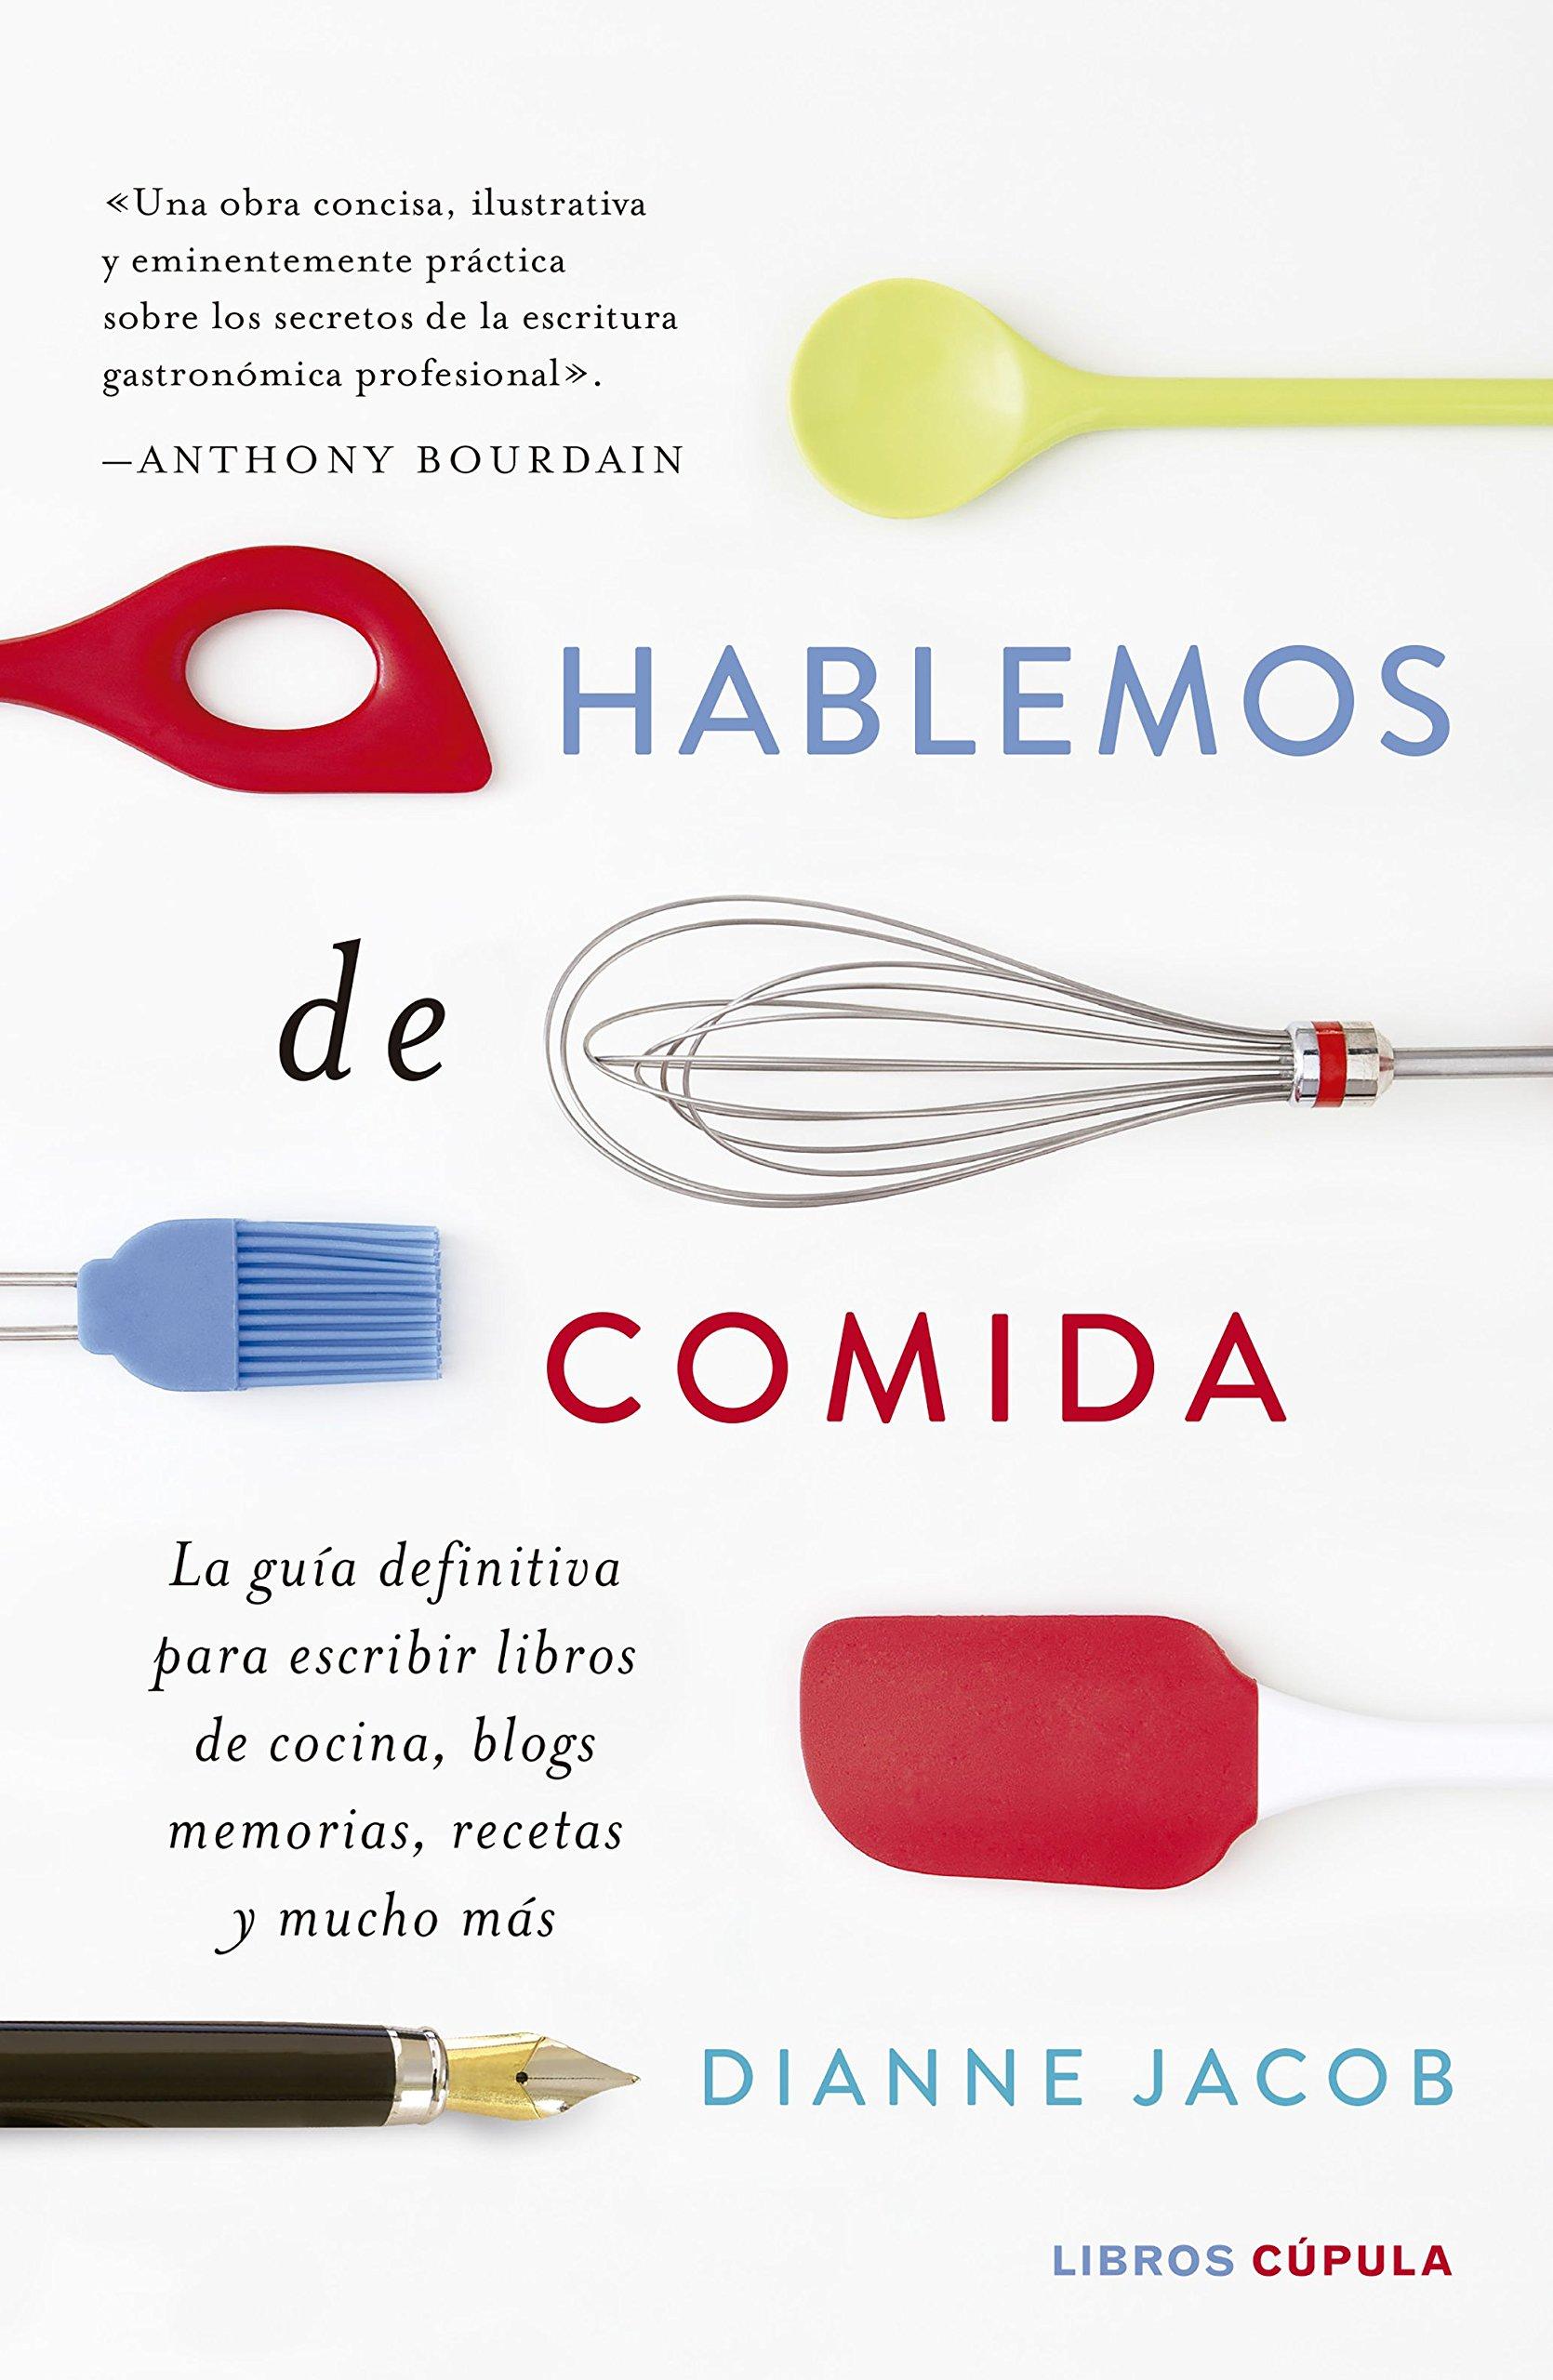 Hablemos de comida: La guía definitiva para escribir libros de cocina, blogs, memorias, recetas y mucho más: Amazon.es: Dianne Jacobs, Carme Font Paz: ...